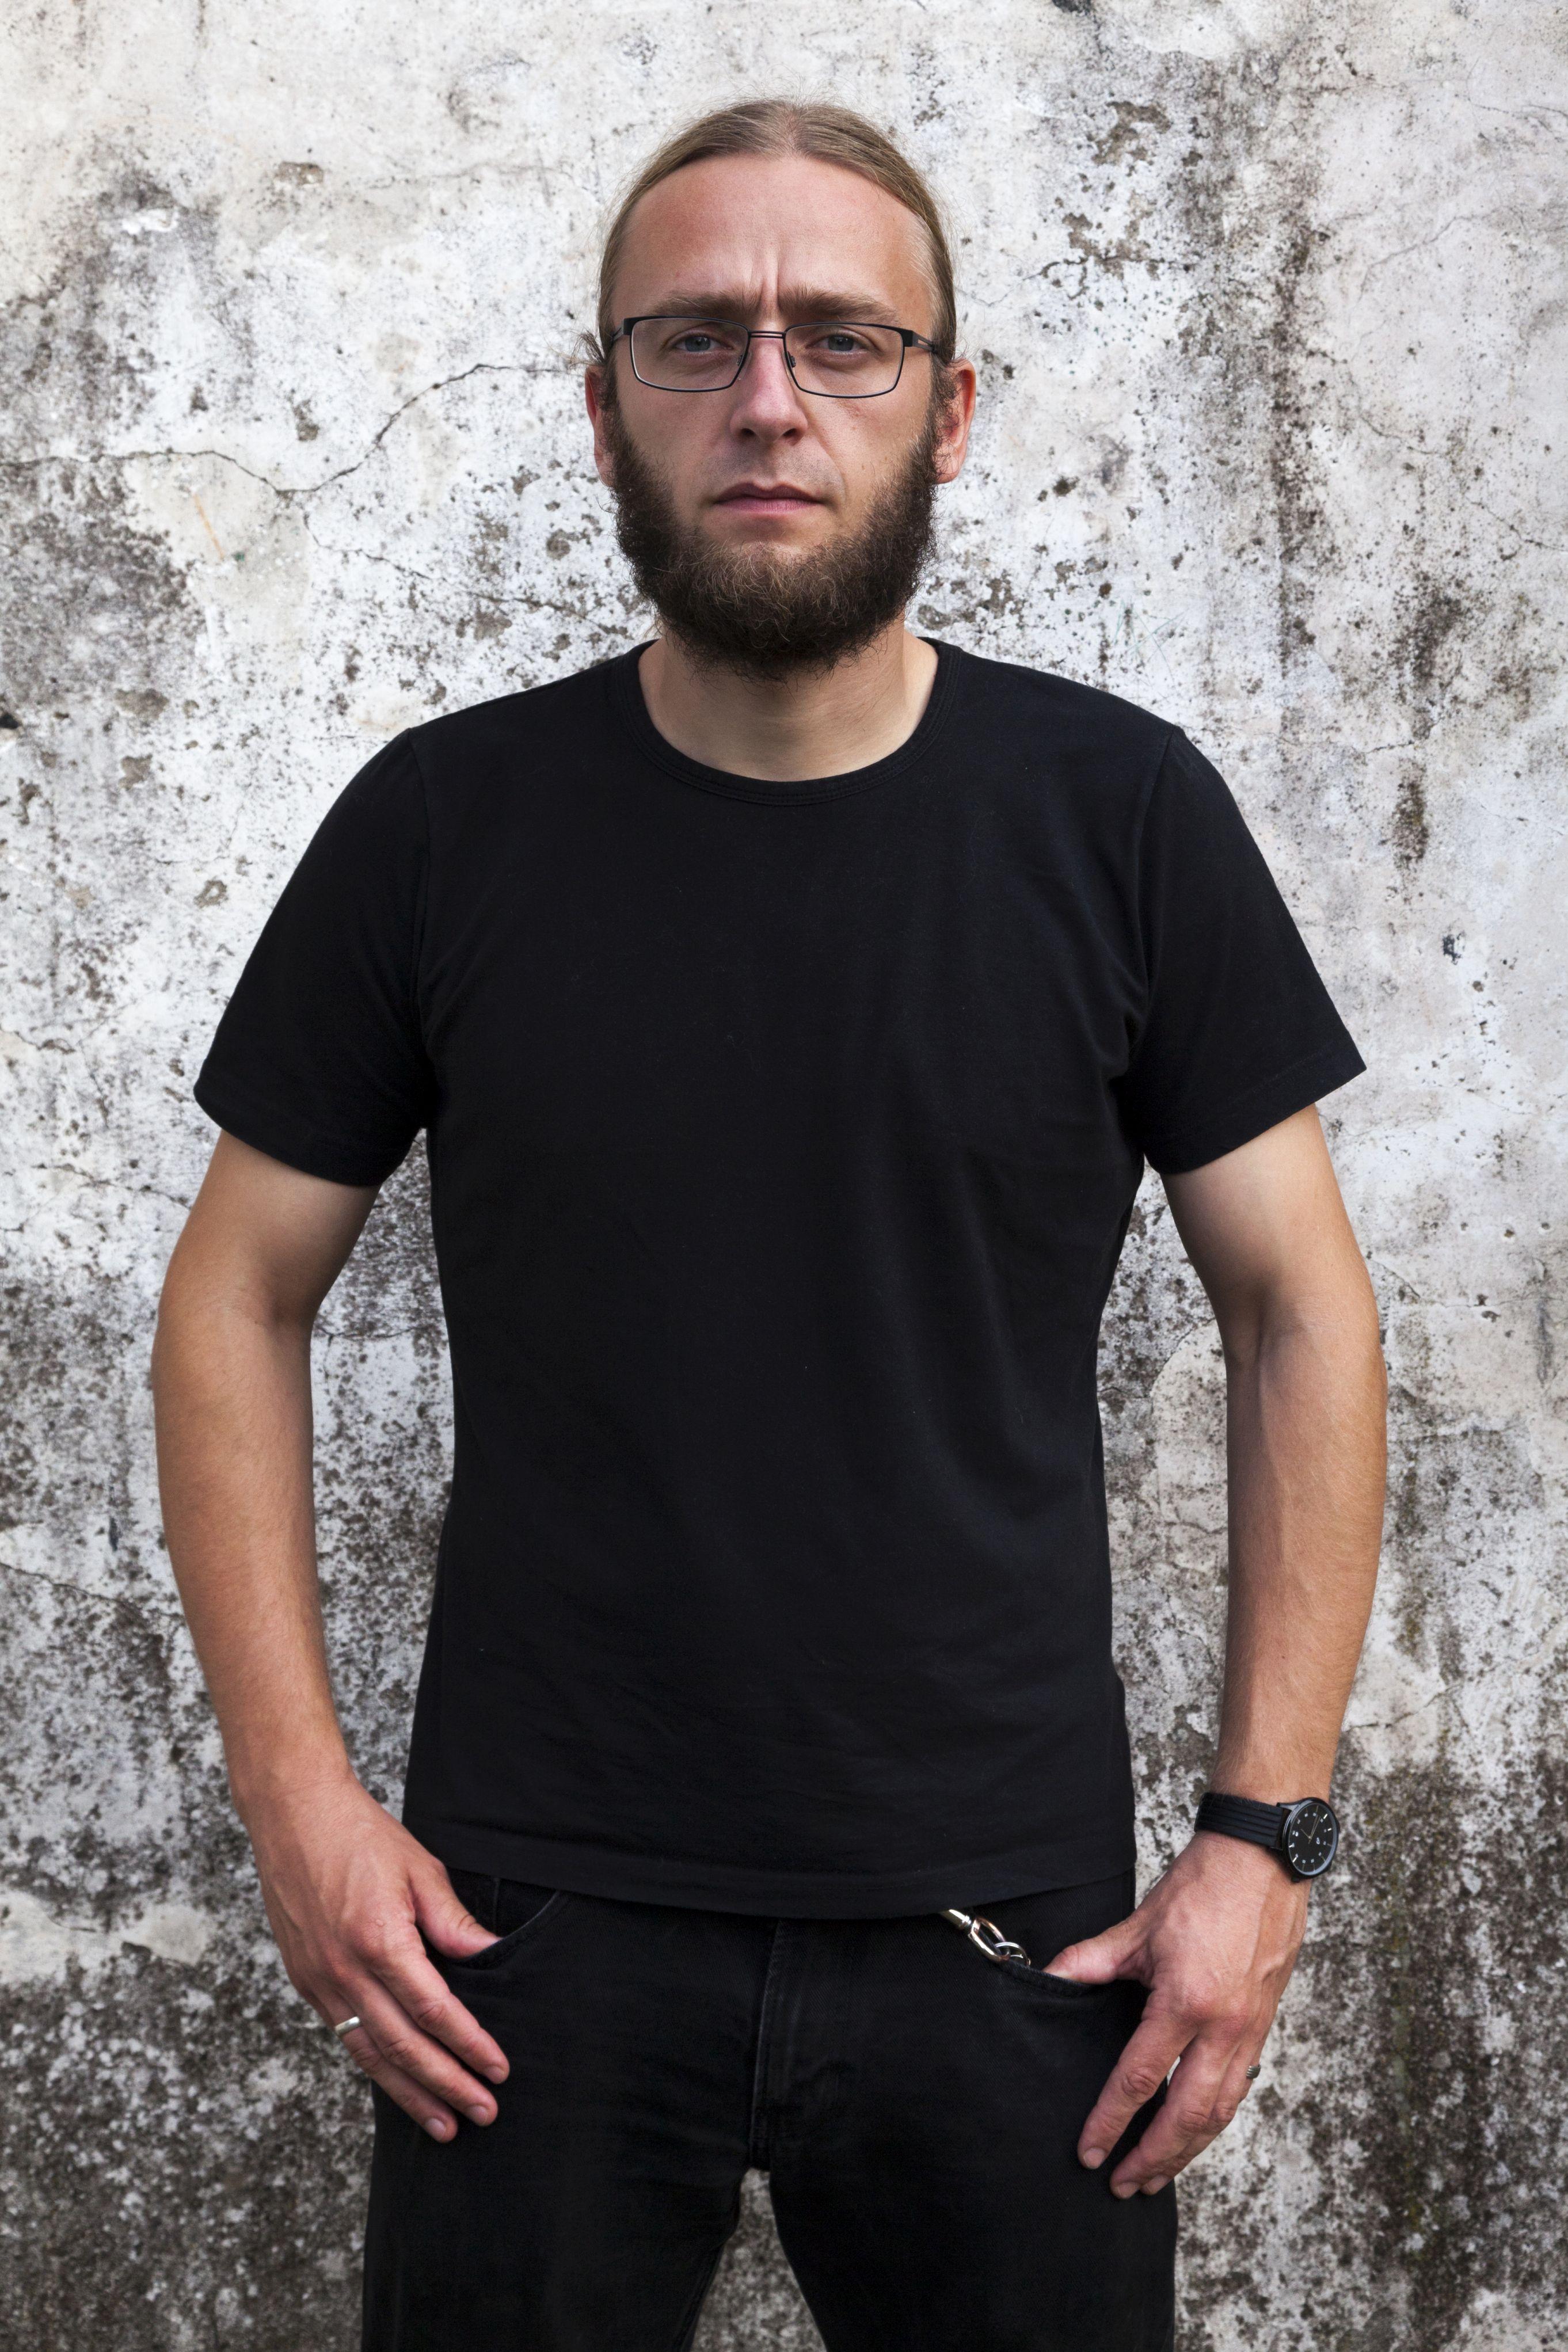 Matthias Kosthorst